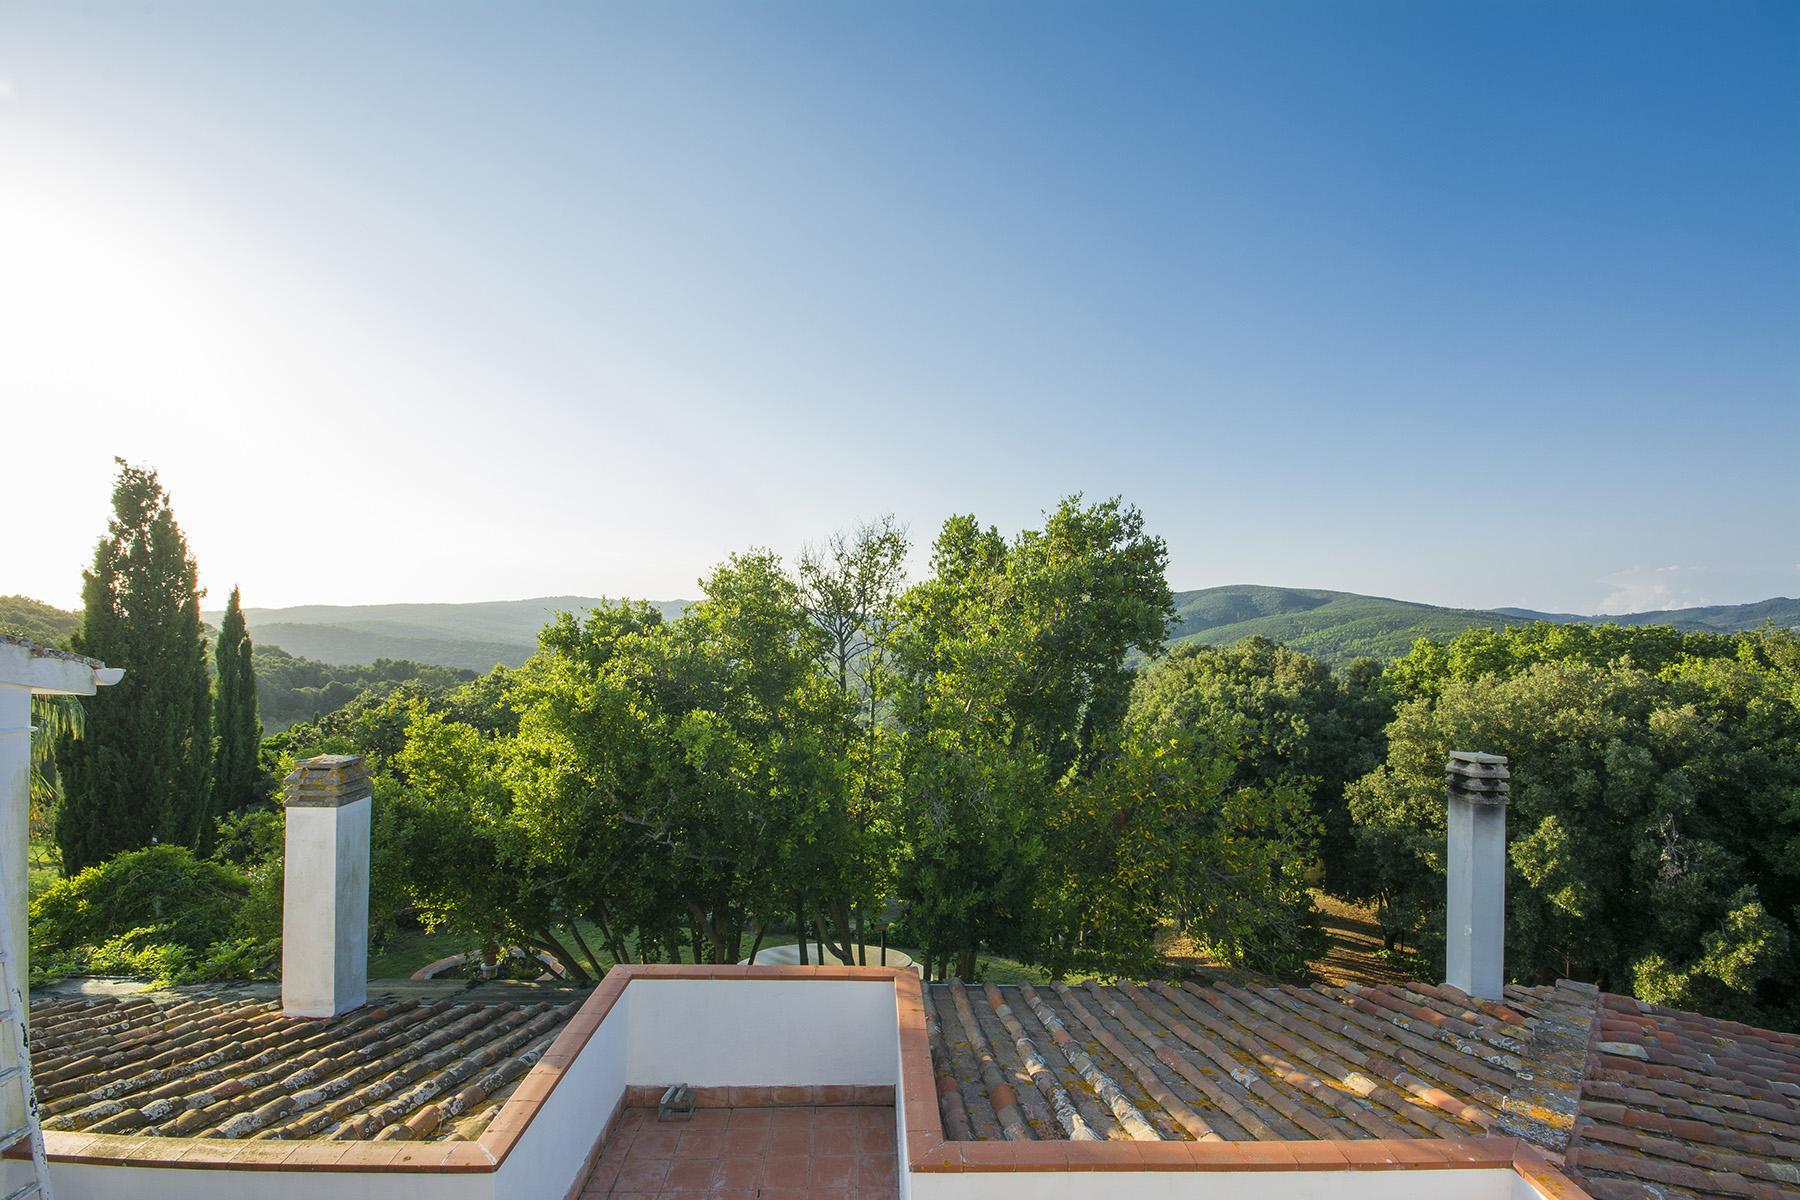 Villa in collina vista mare, nei pressi di Castiglioncello - 26